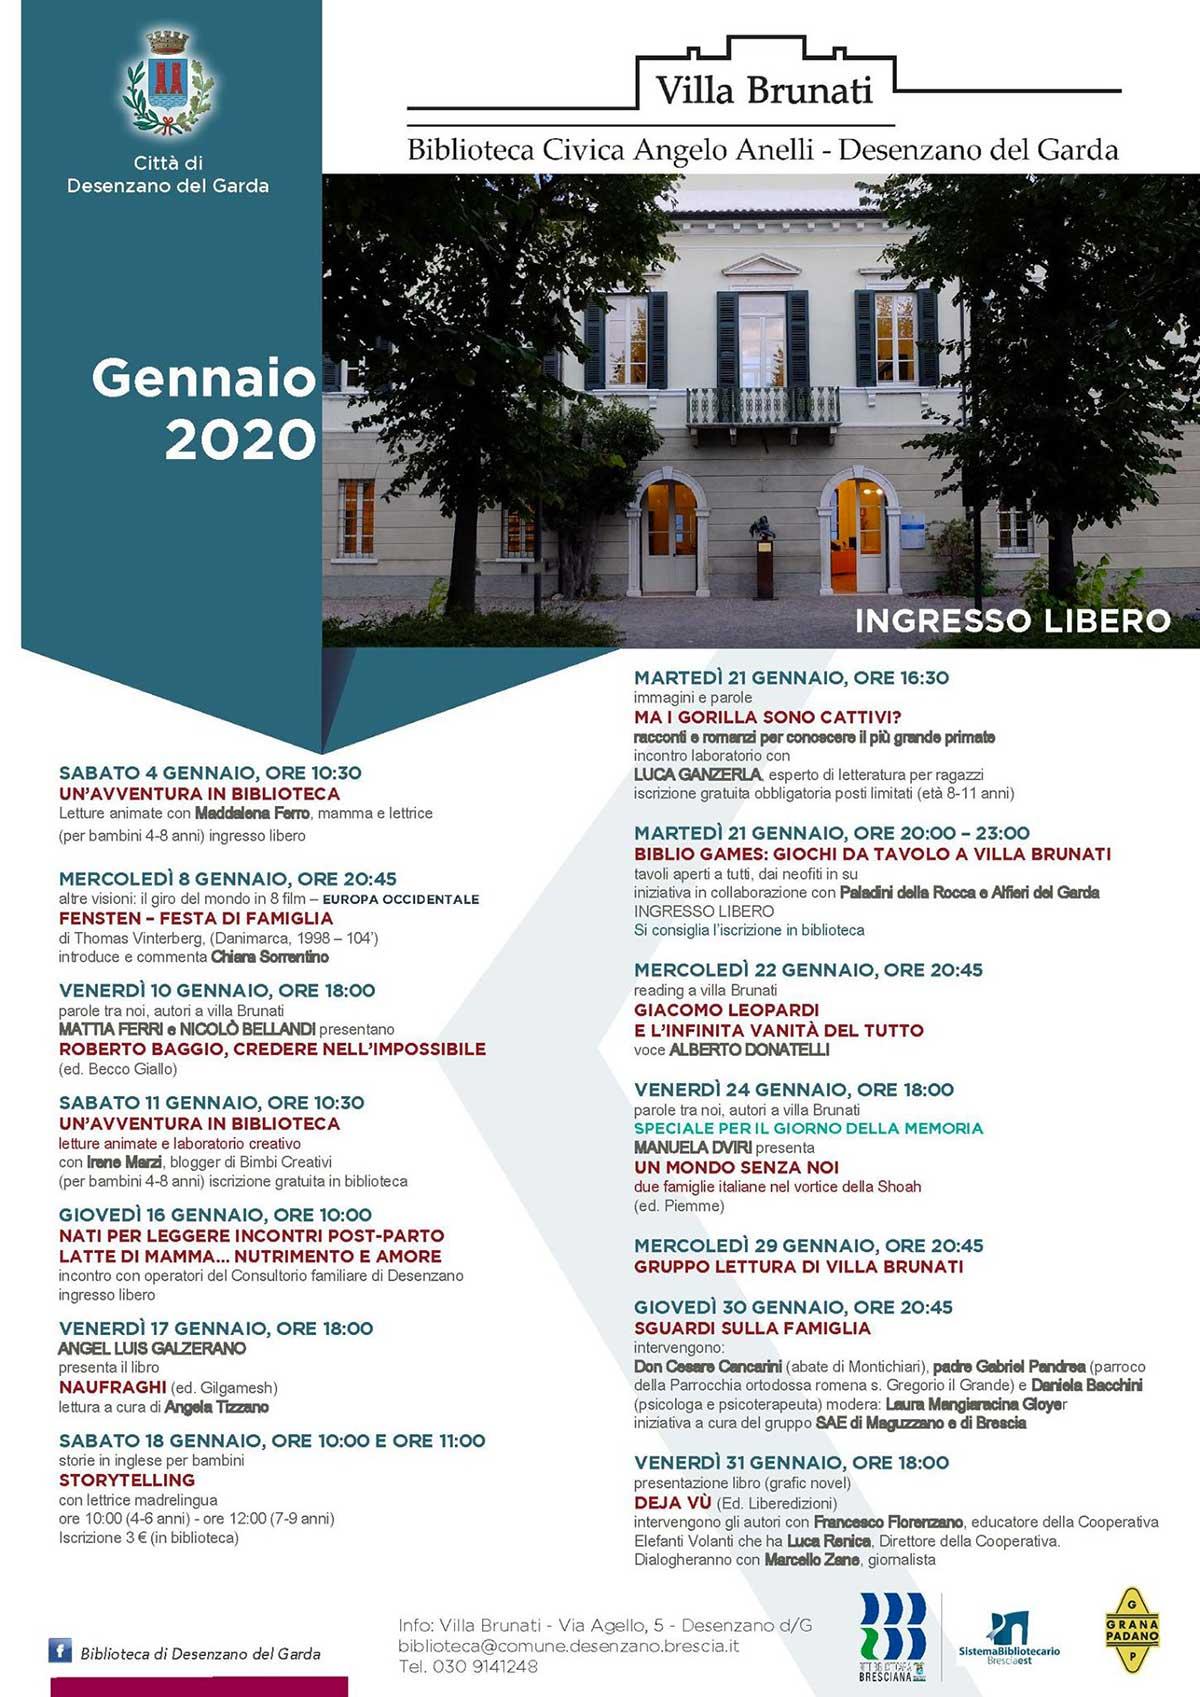 gennaio-villa-brunati-desenzano-2020